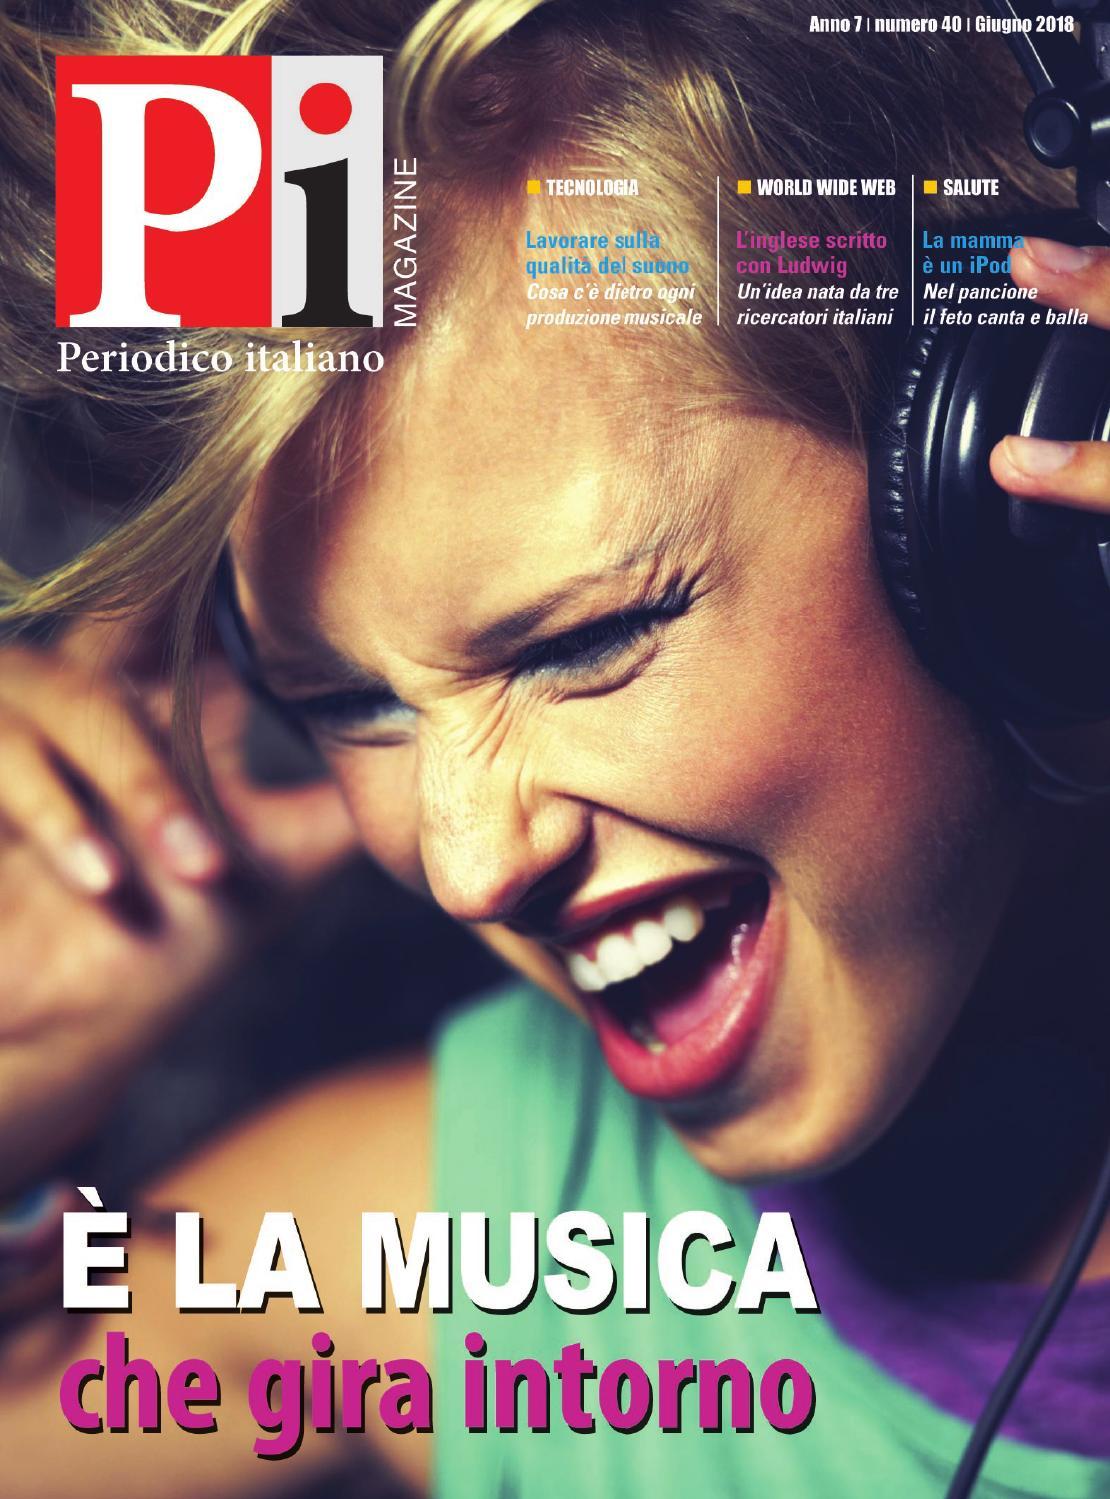 Periodico Italiano Magazine Giugno2018 By Periodico Italiano